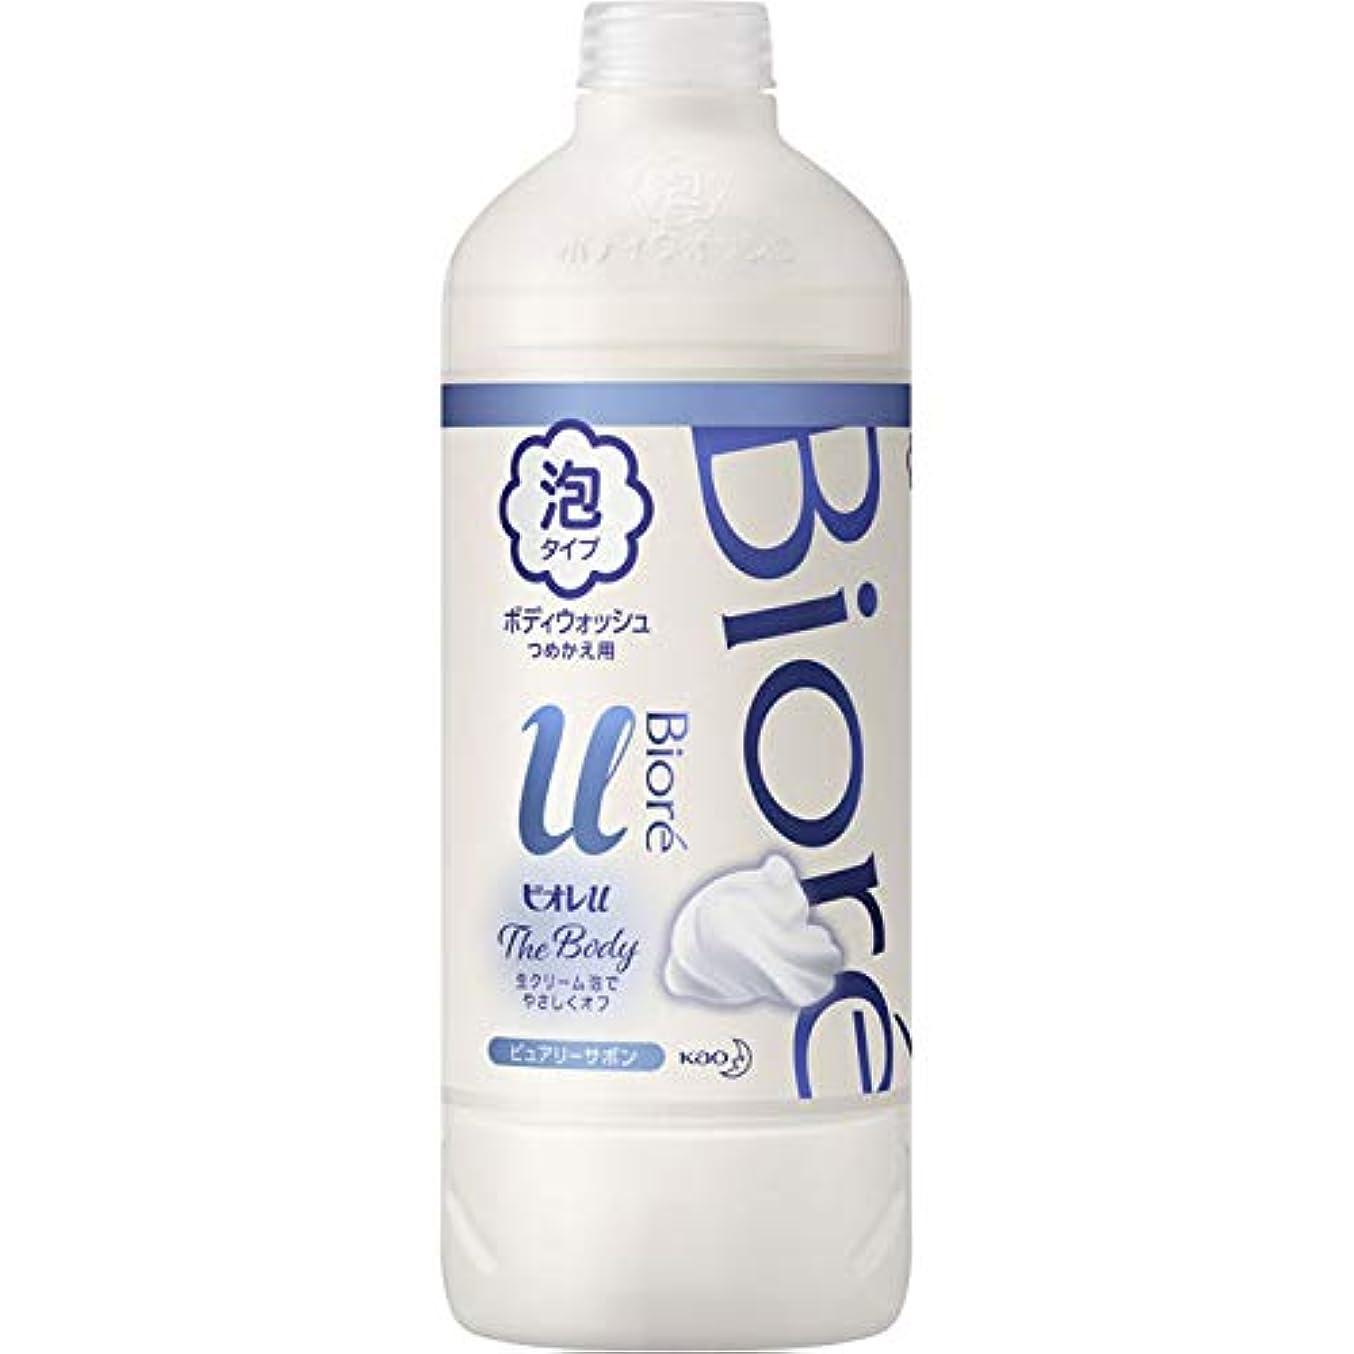 動脈学習者思いやり花王 ビオレu ザ ボディ泡ピュアリーサボンの香り 詰替え用 450ml